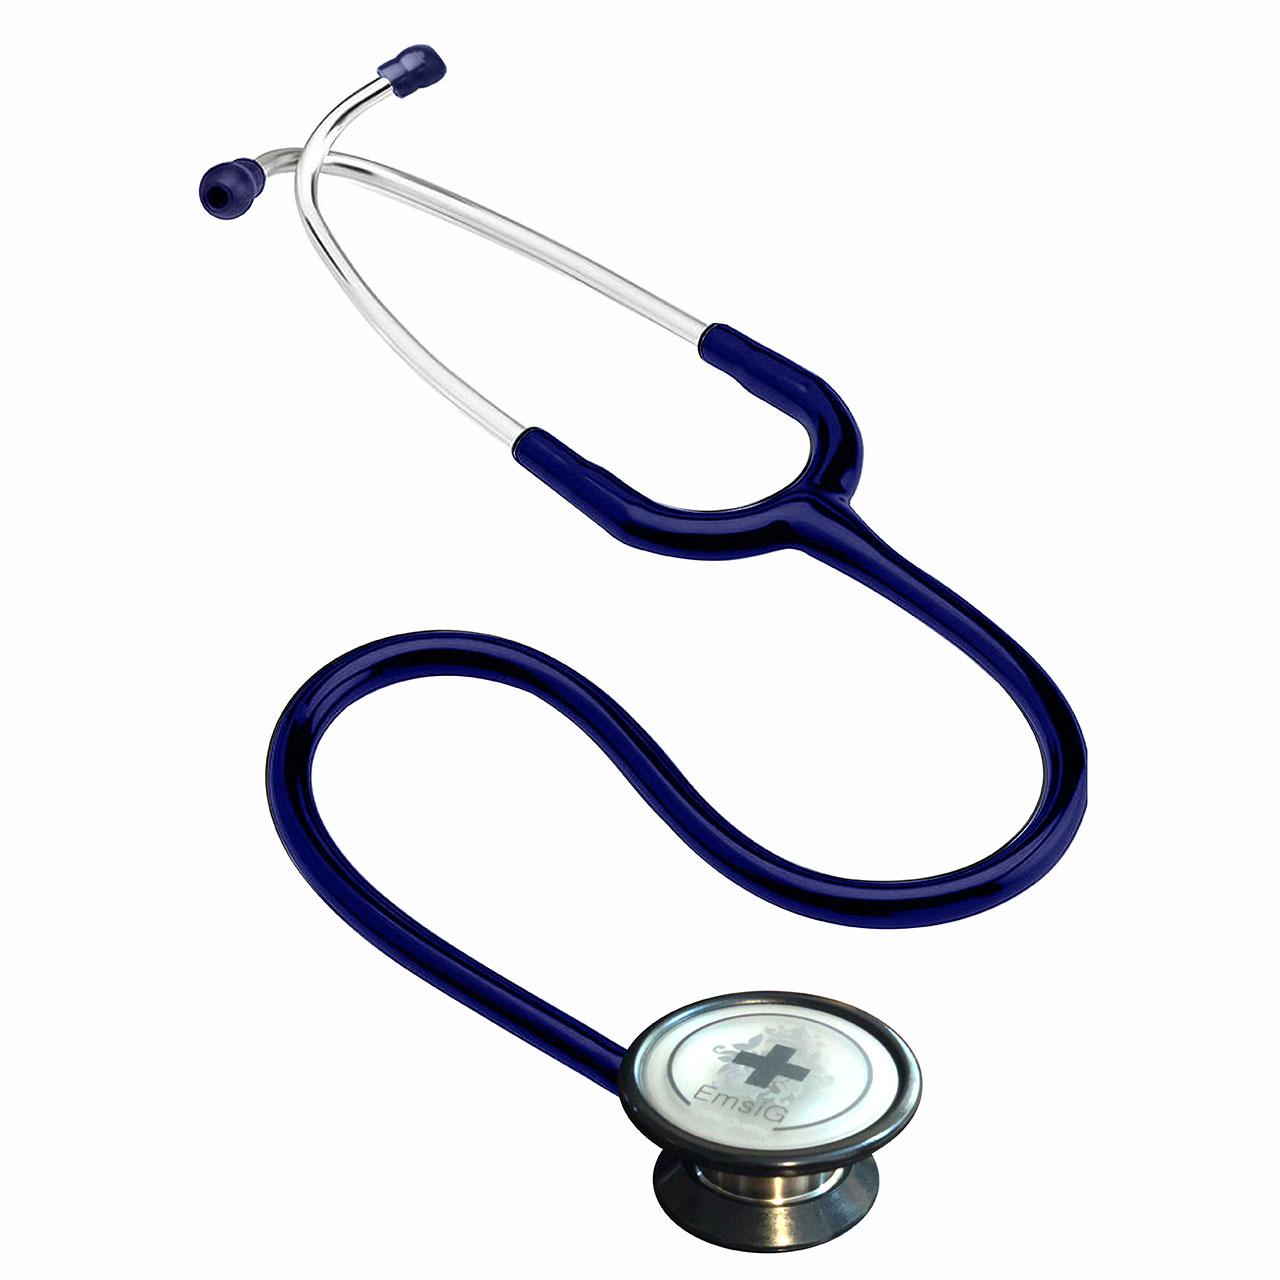 گوشی پزشکی حرفه ای امسیگ مدل ST83-Plus